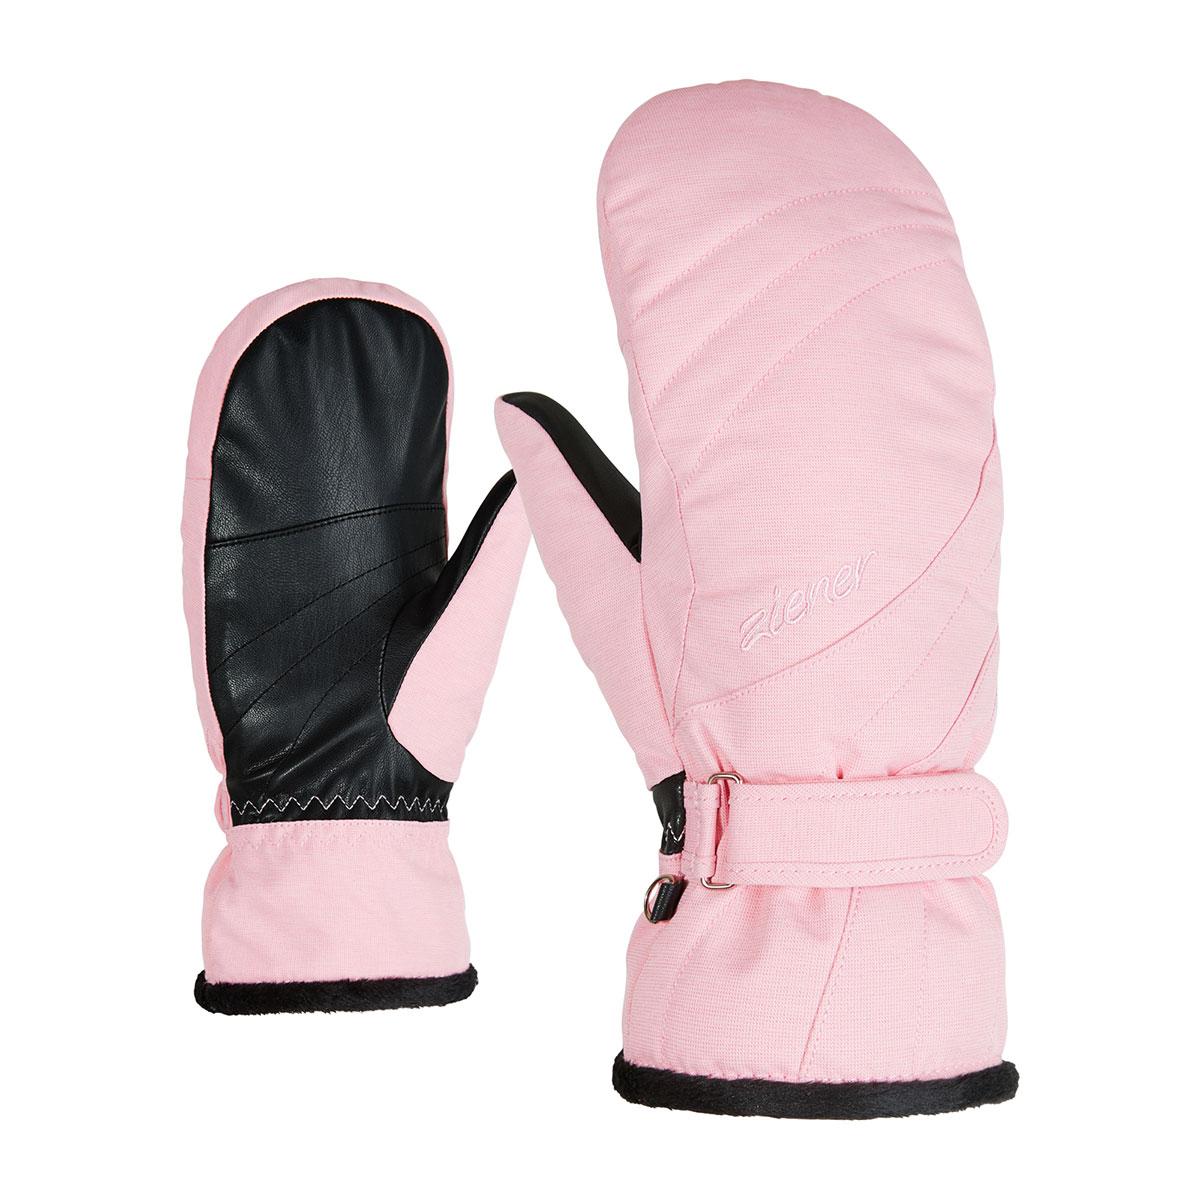 Ziener Kilenis Pr Mitten Lady Glove